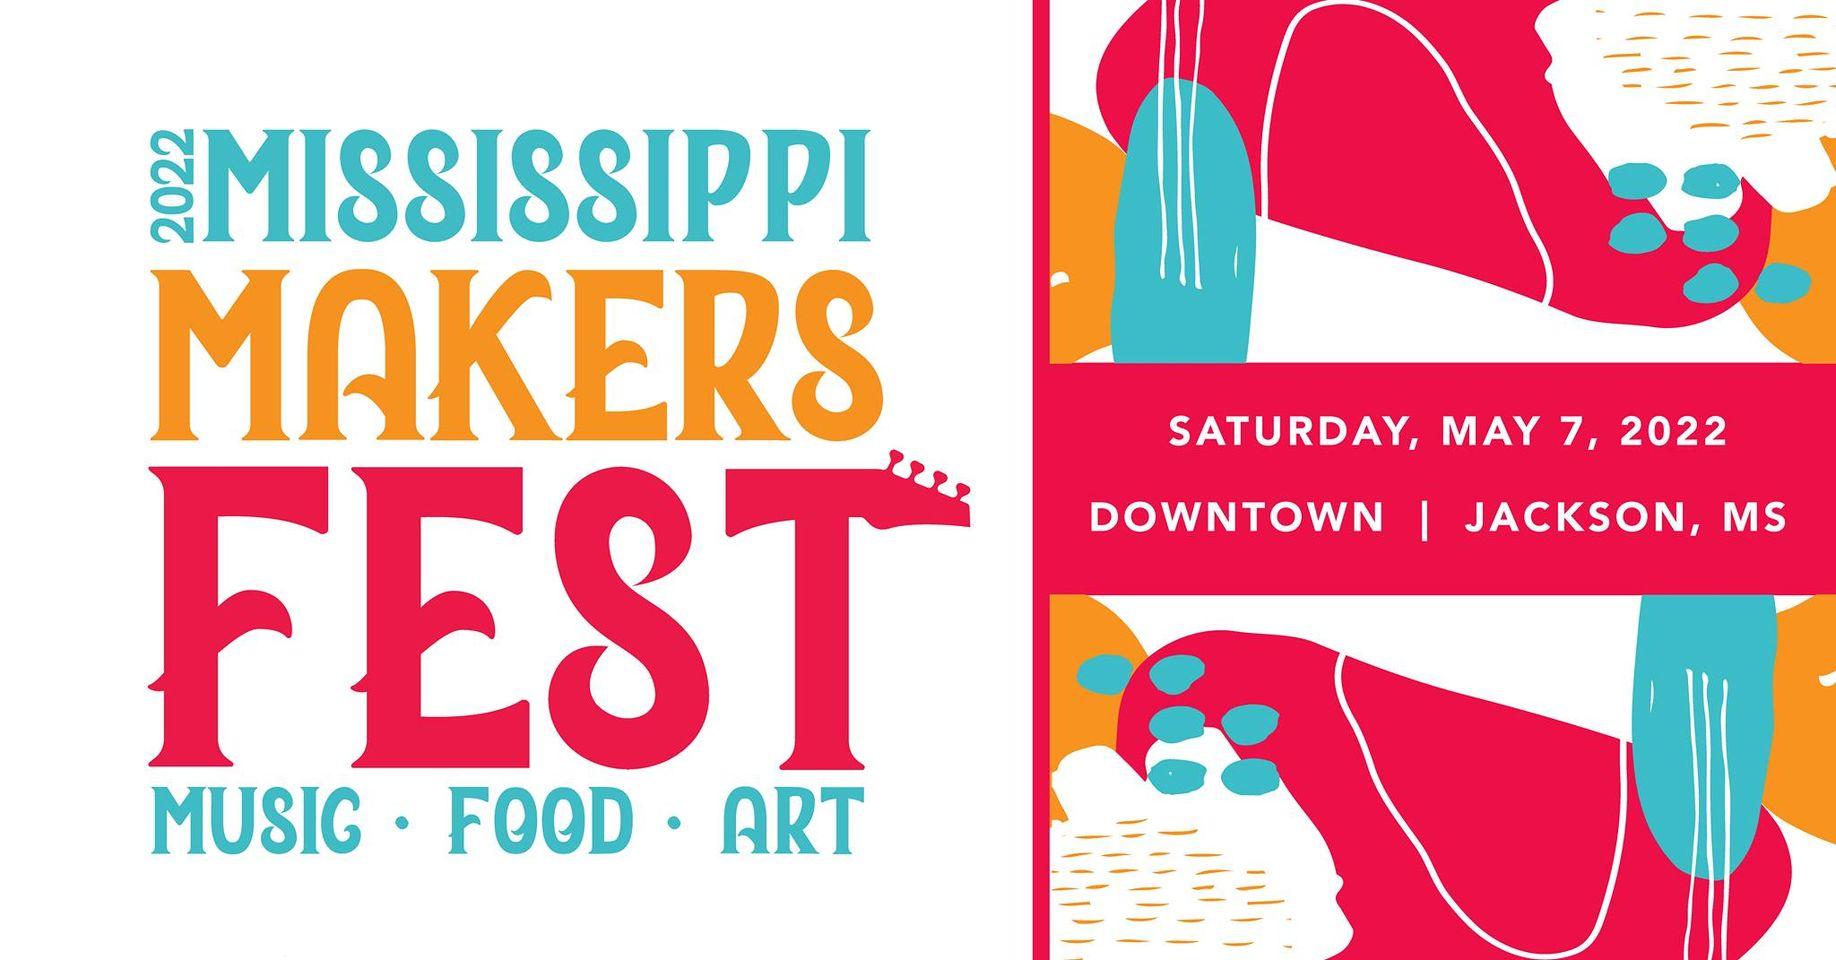 Mississippi Makers Fest